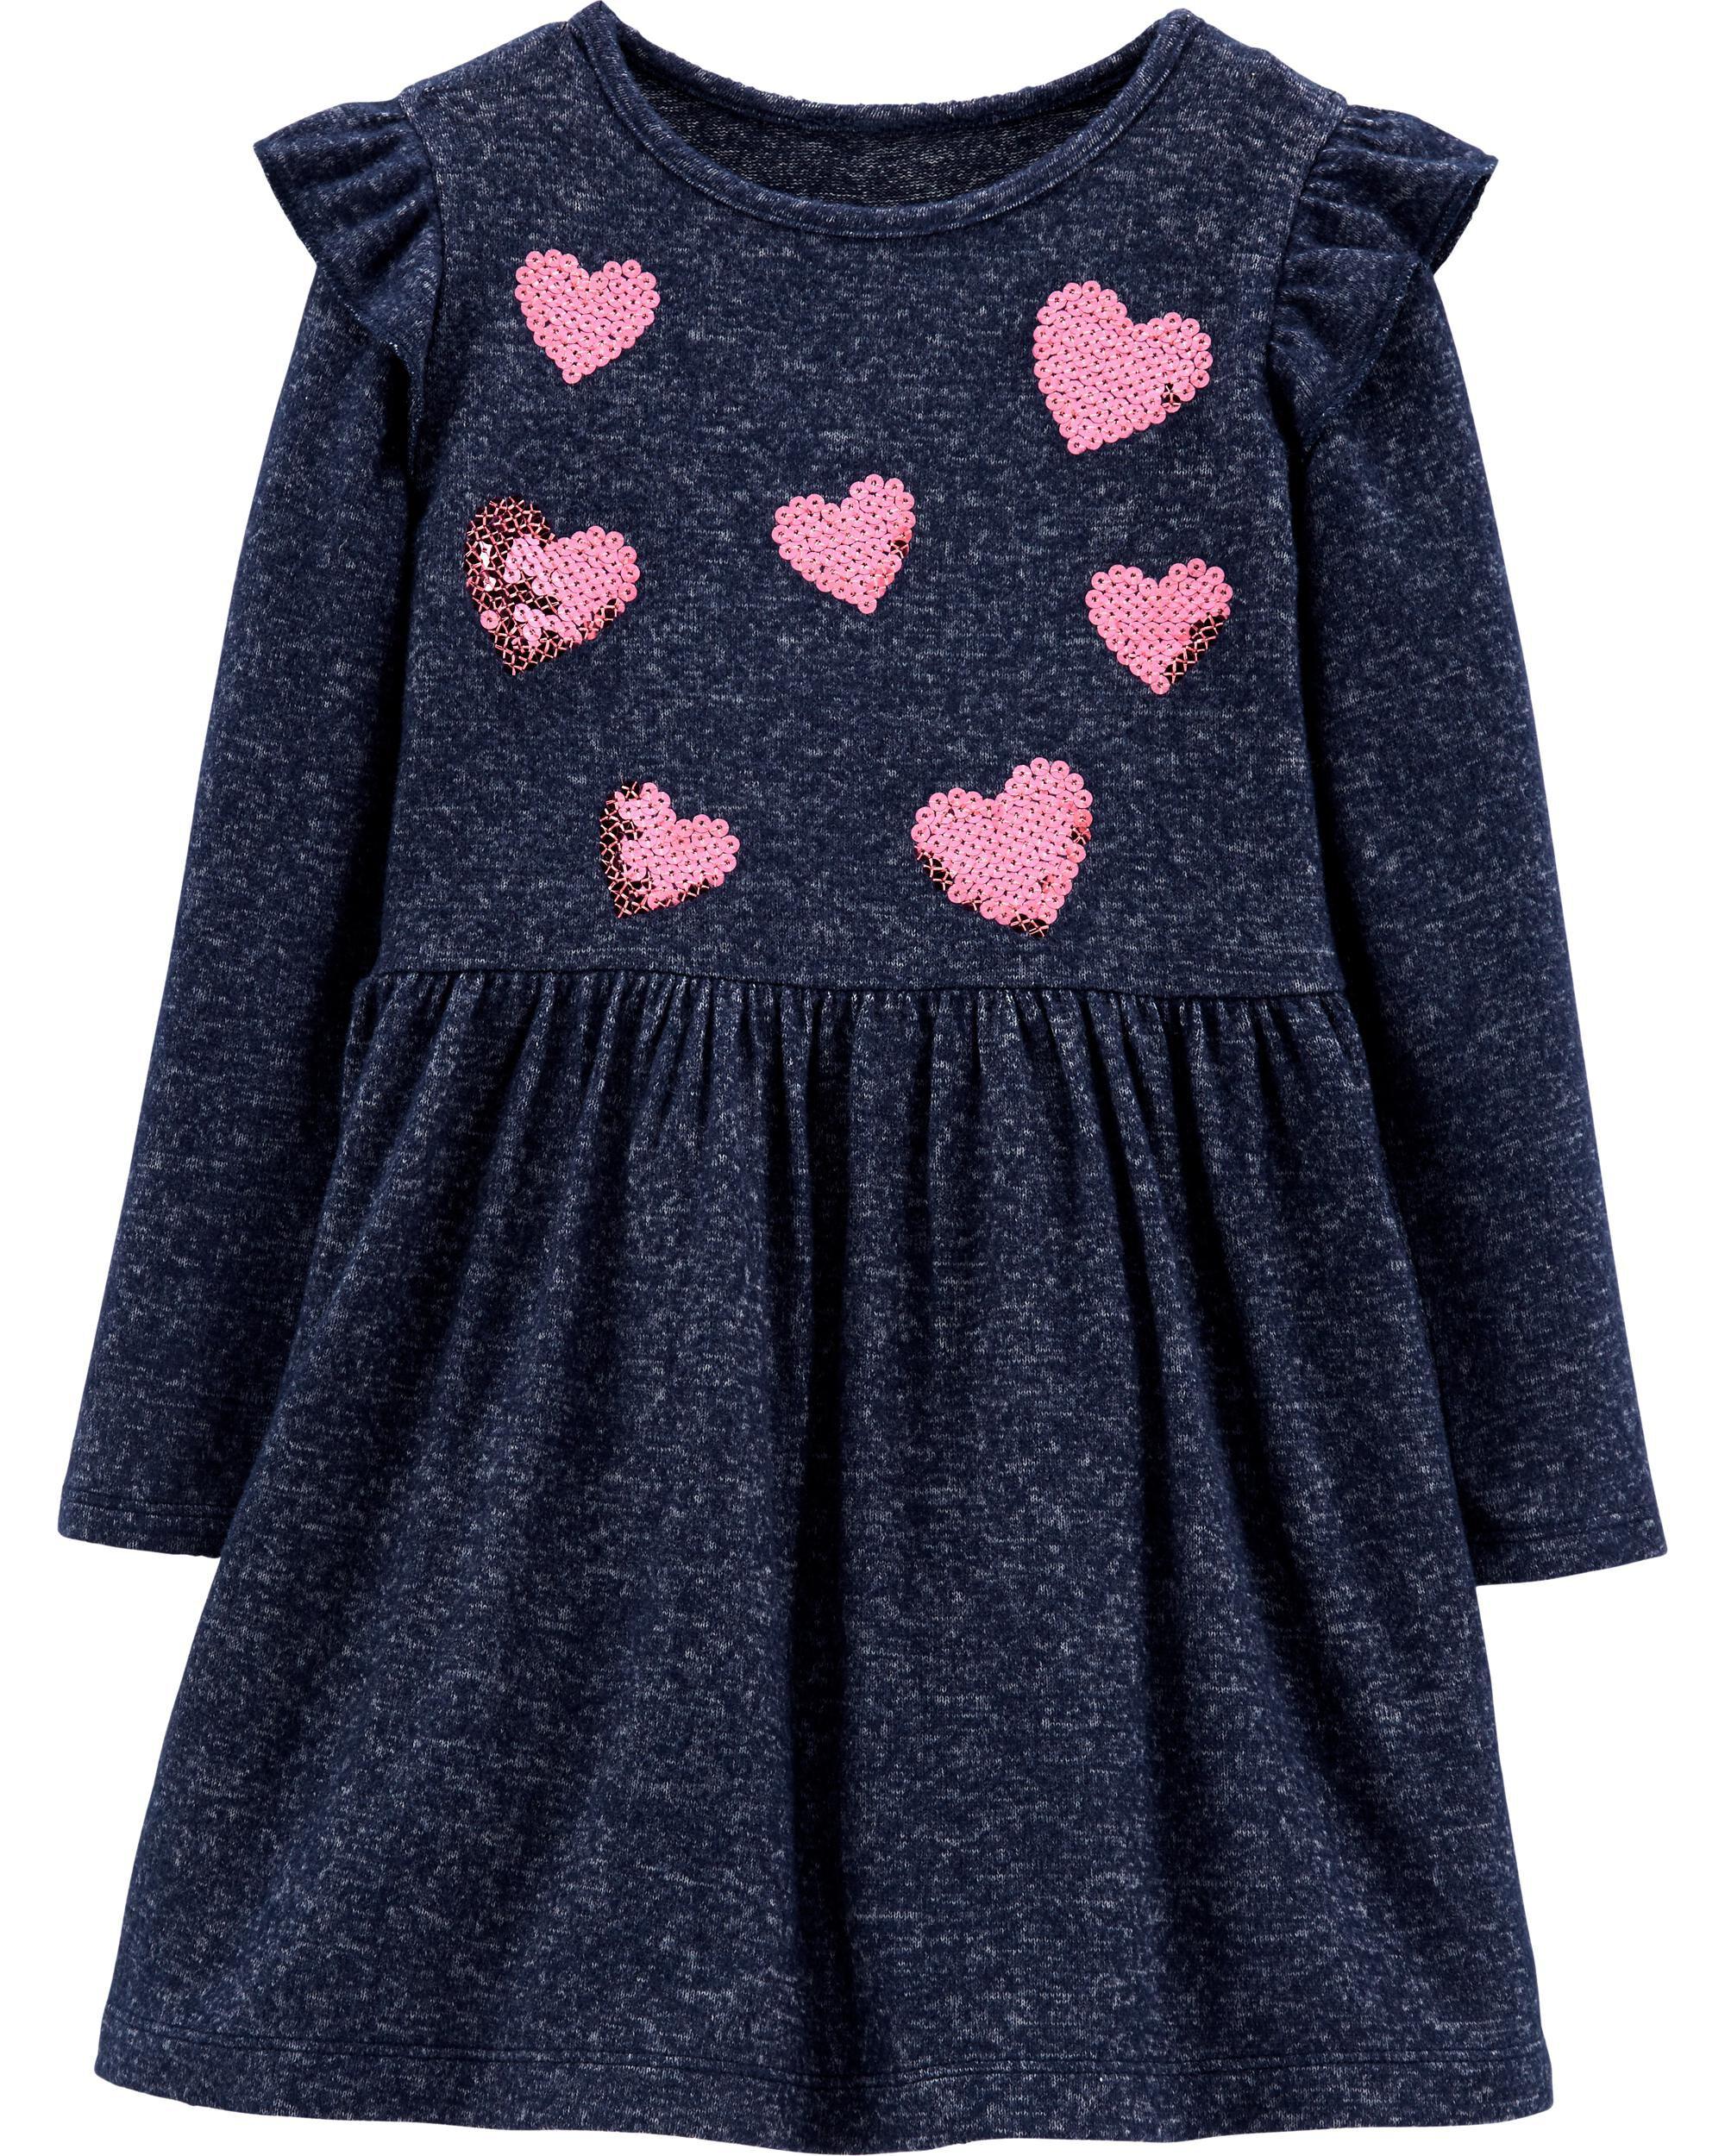 Glitter Heart Jersey Dress